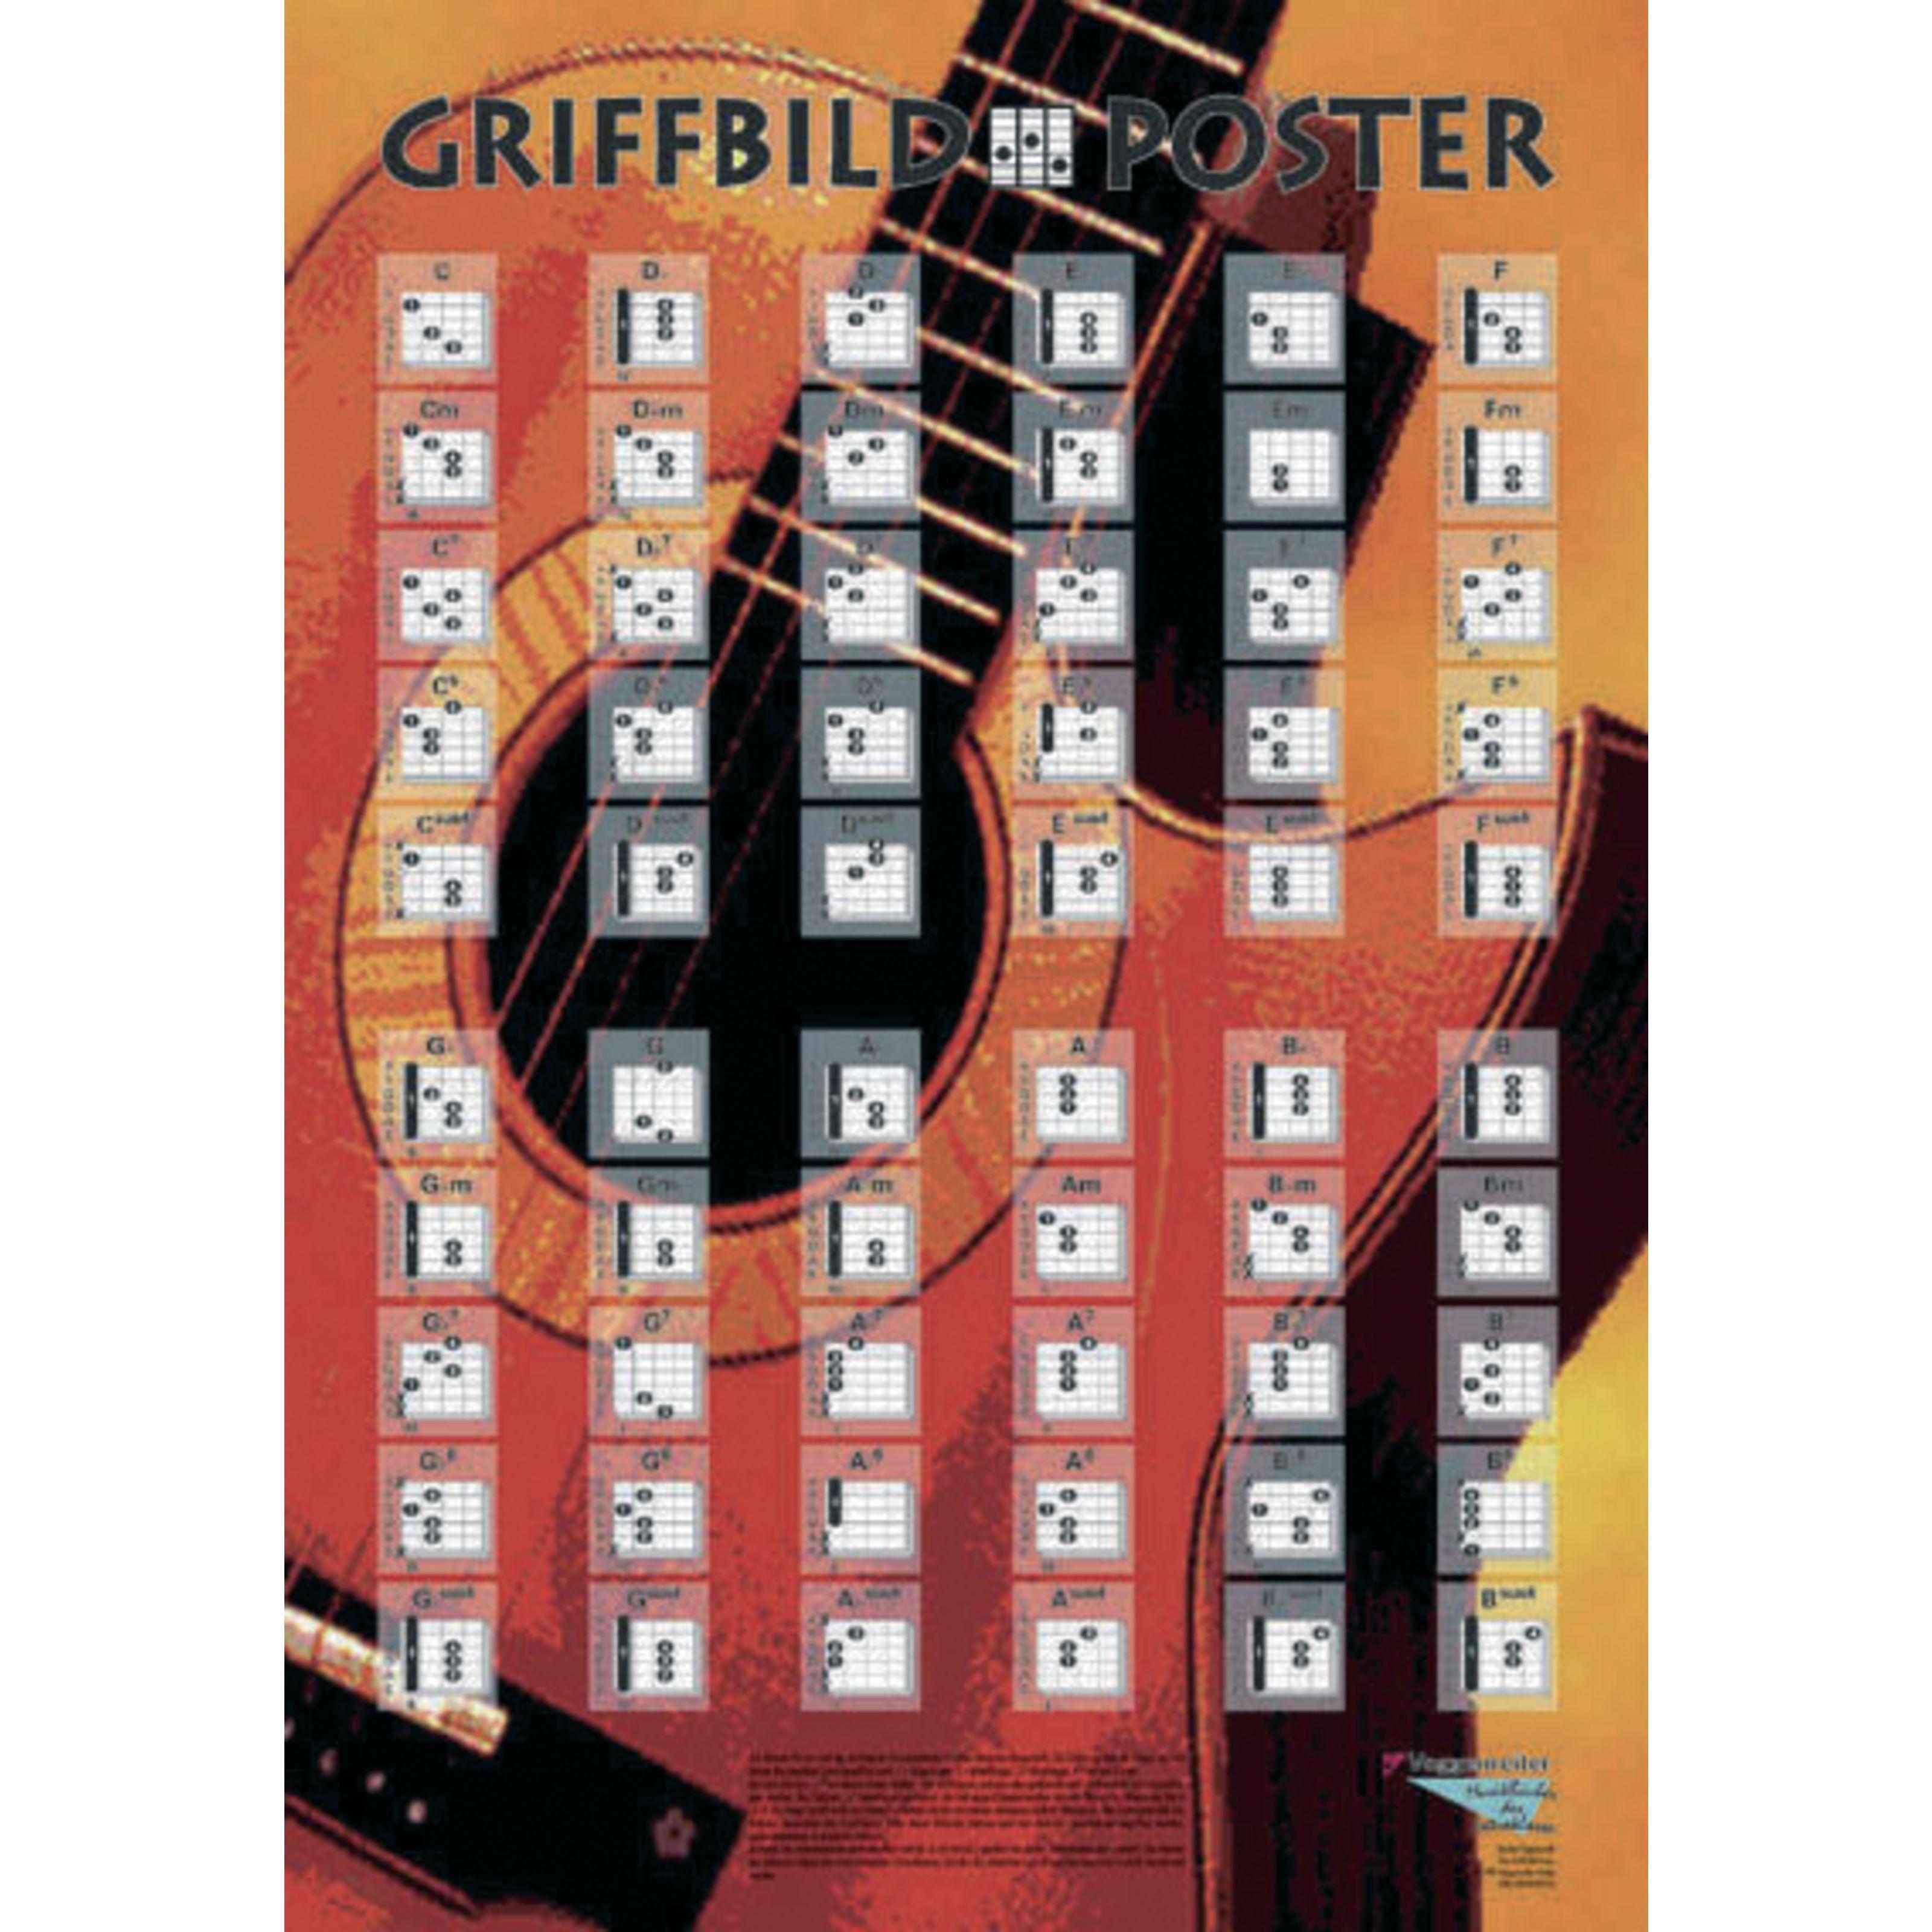 Voggenreiter - Griffbild-Poster für Gitarre 0265-4